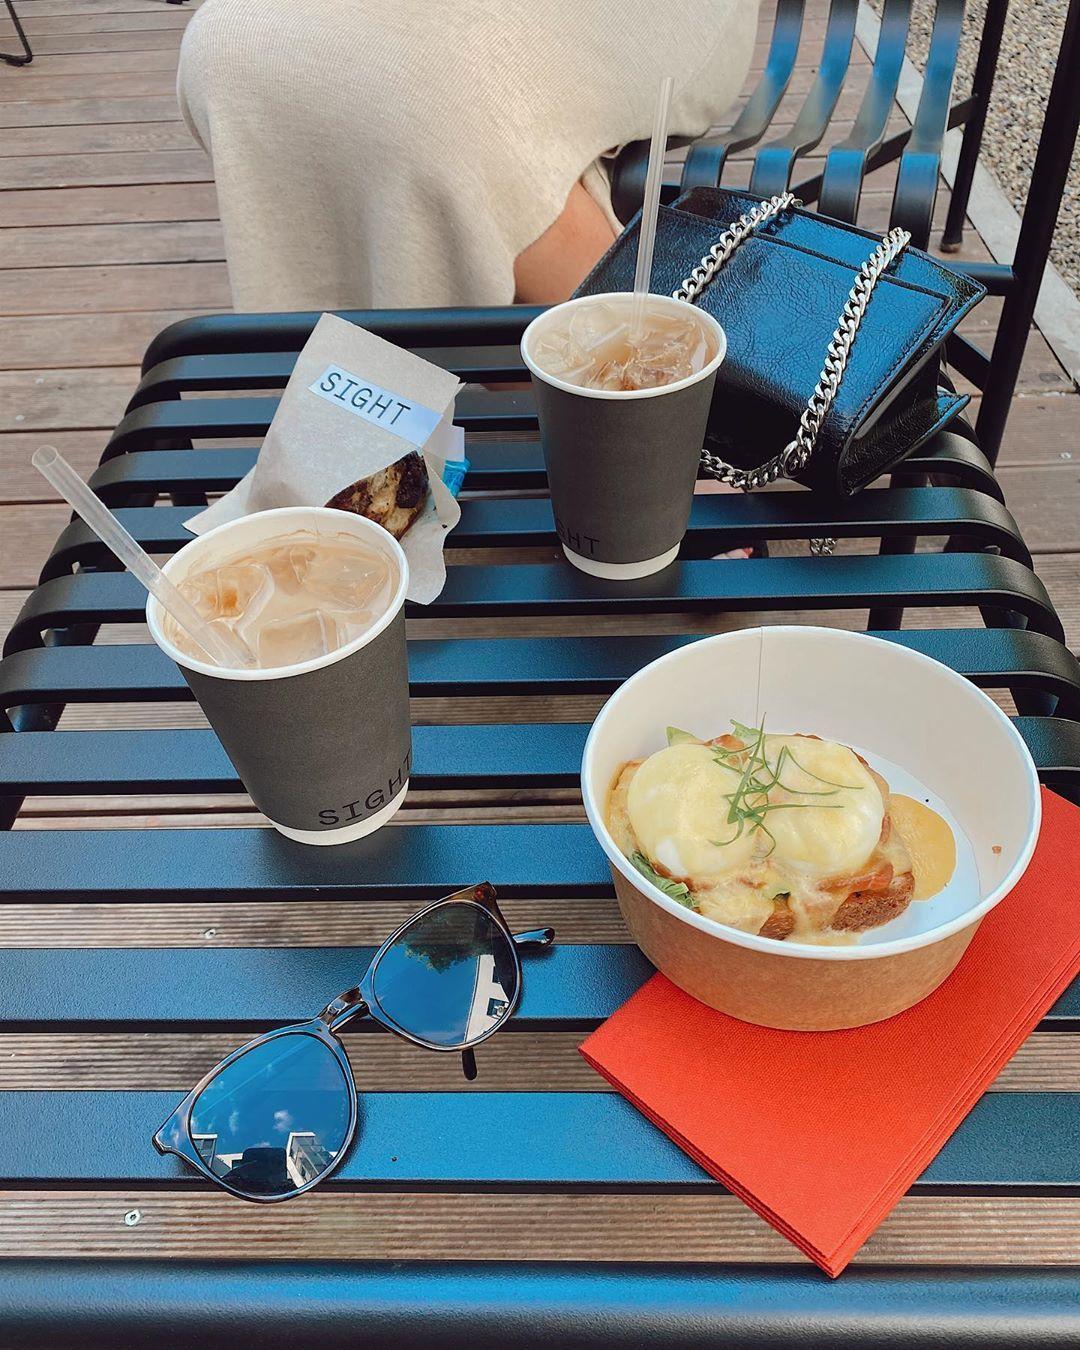 кофе в ресторане фото